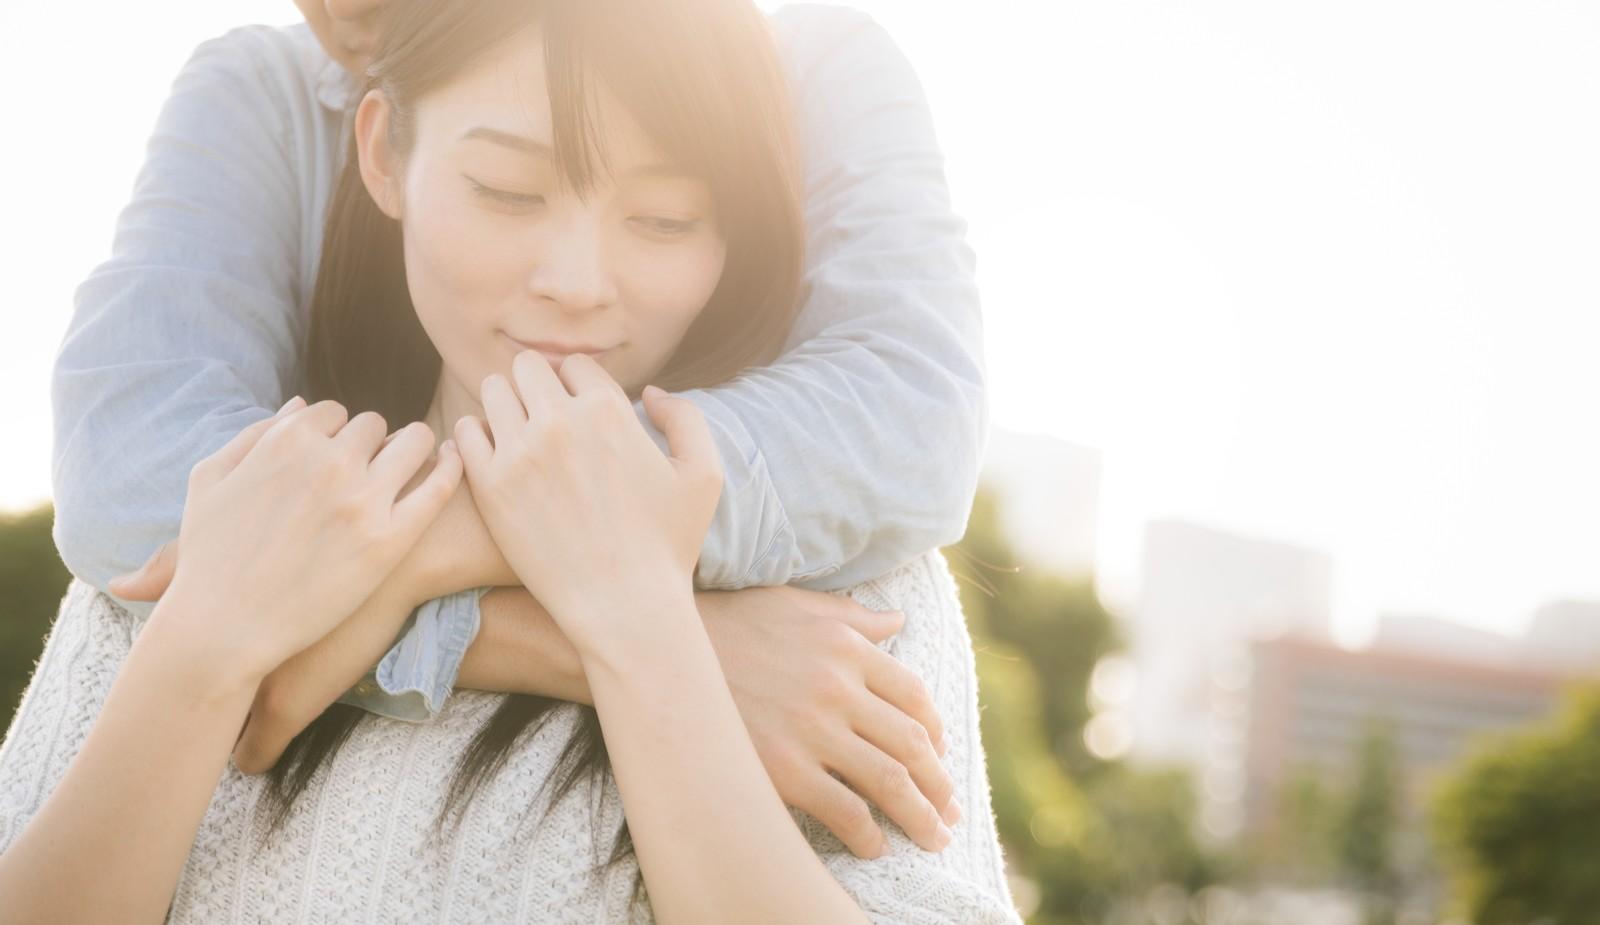 恋愛を引き寄せた体験談